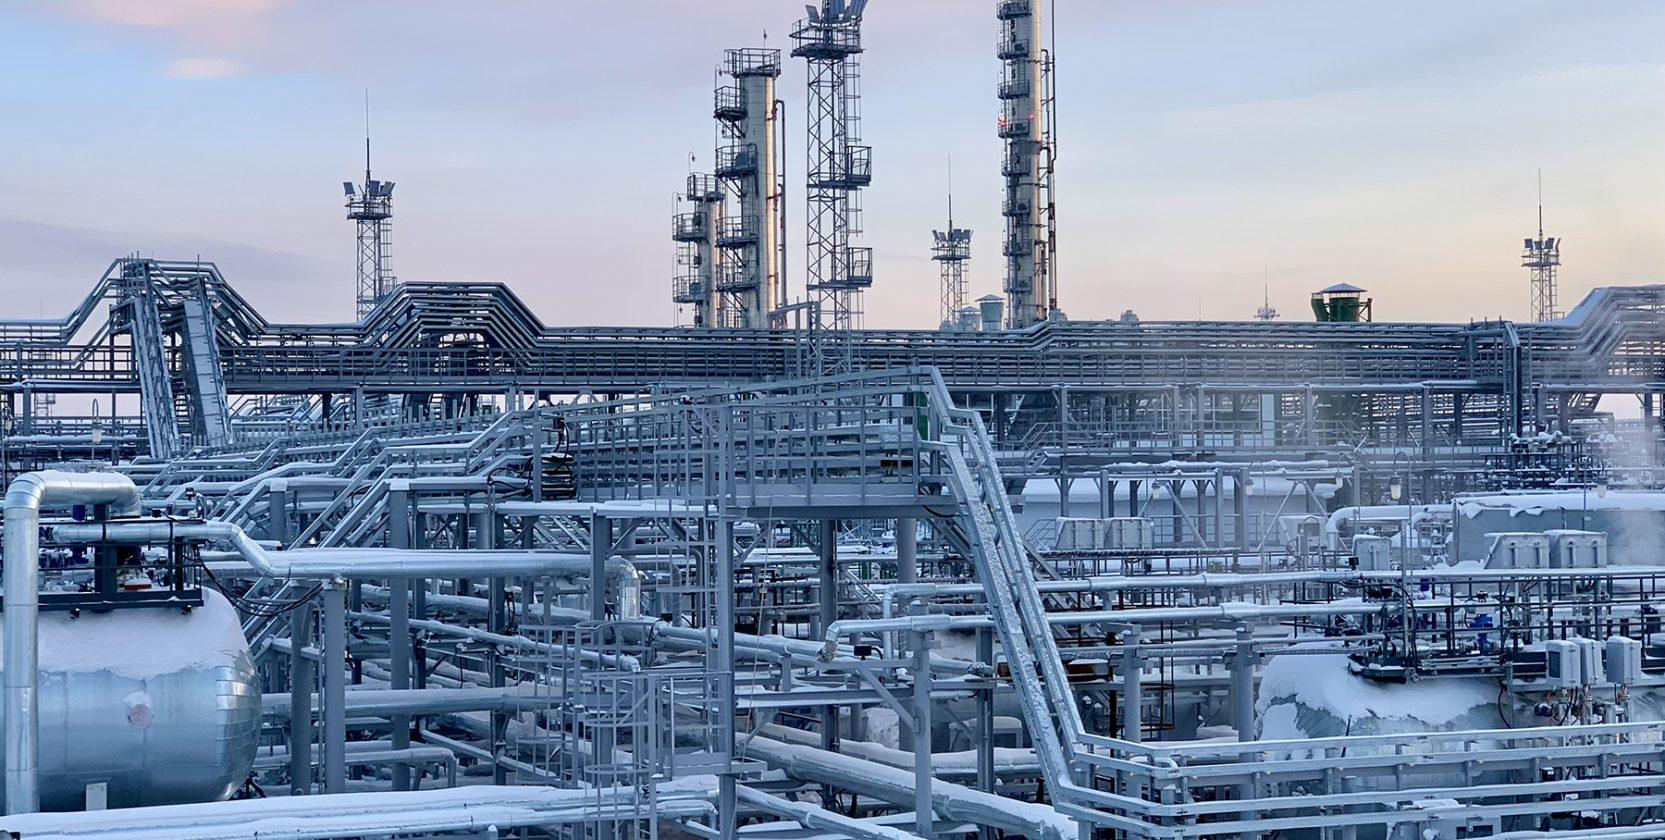 обследование строительных конструкций сооружений на территории газового промысла